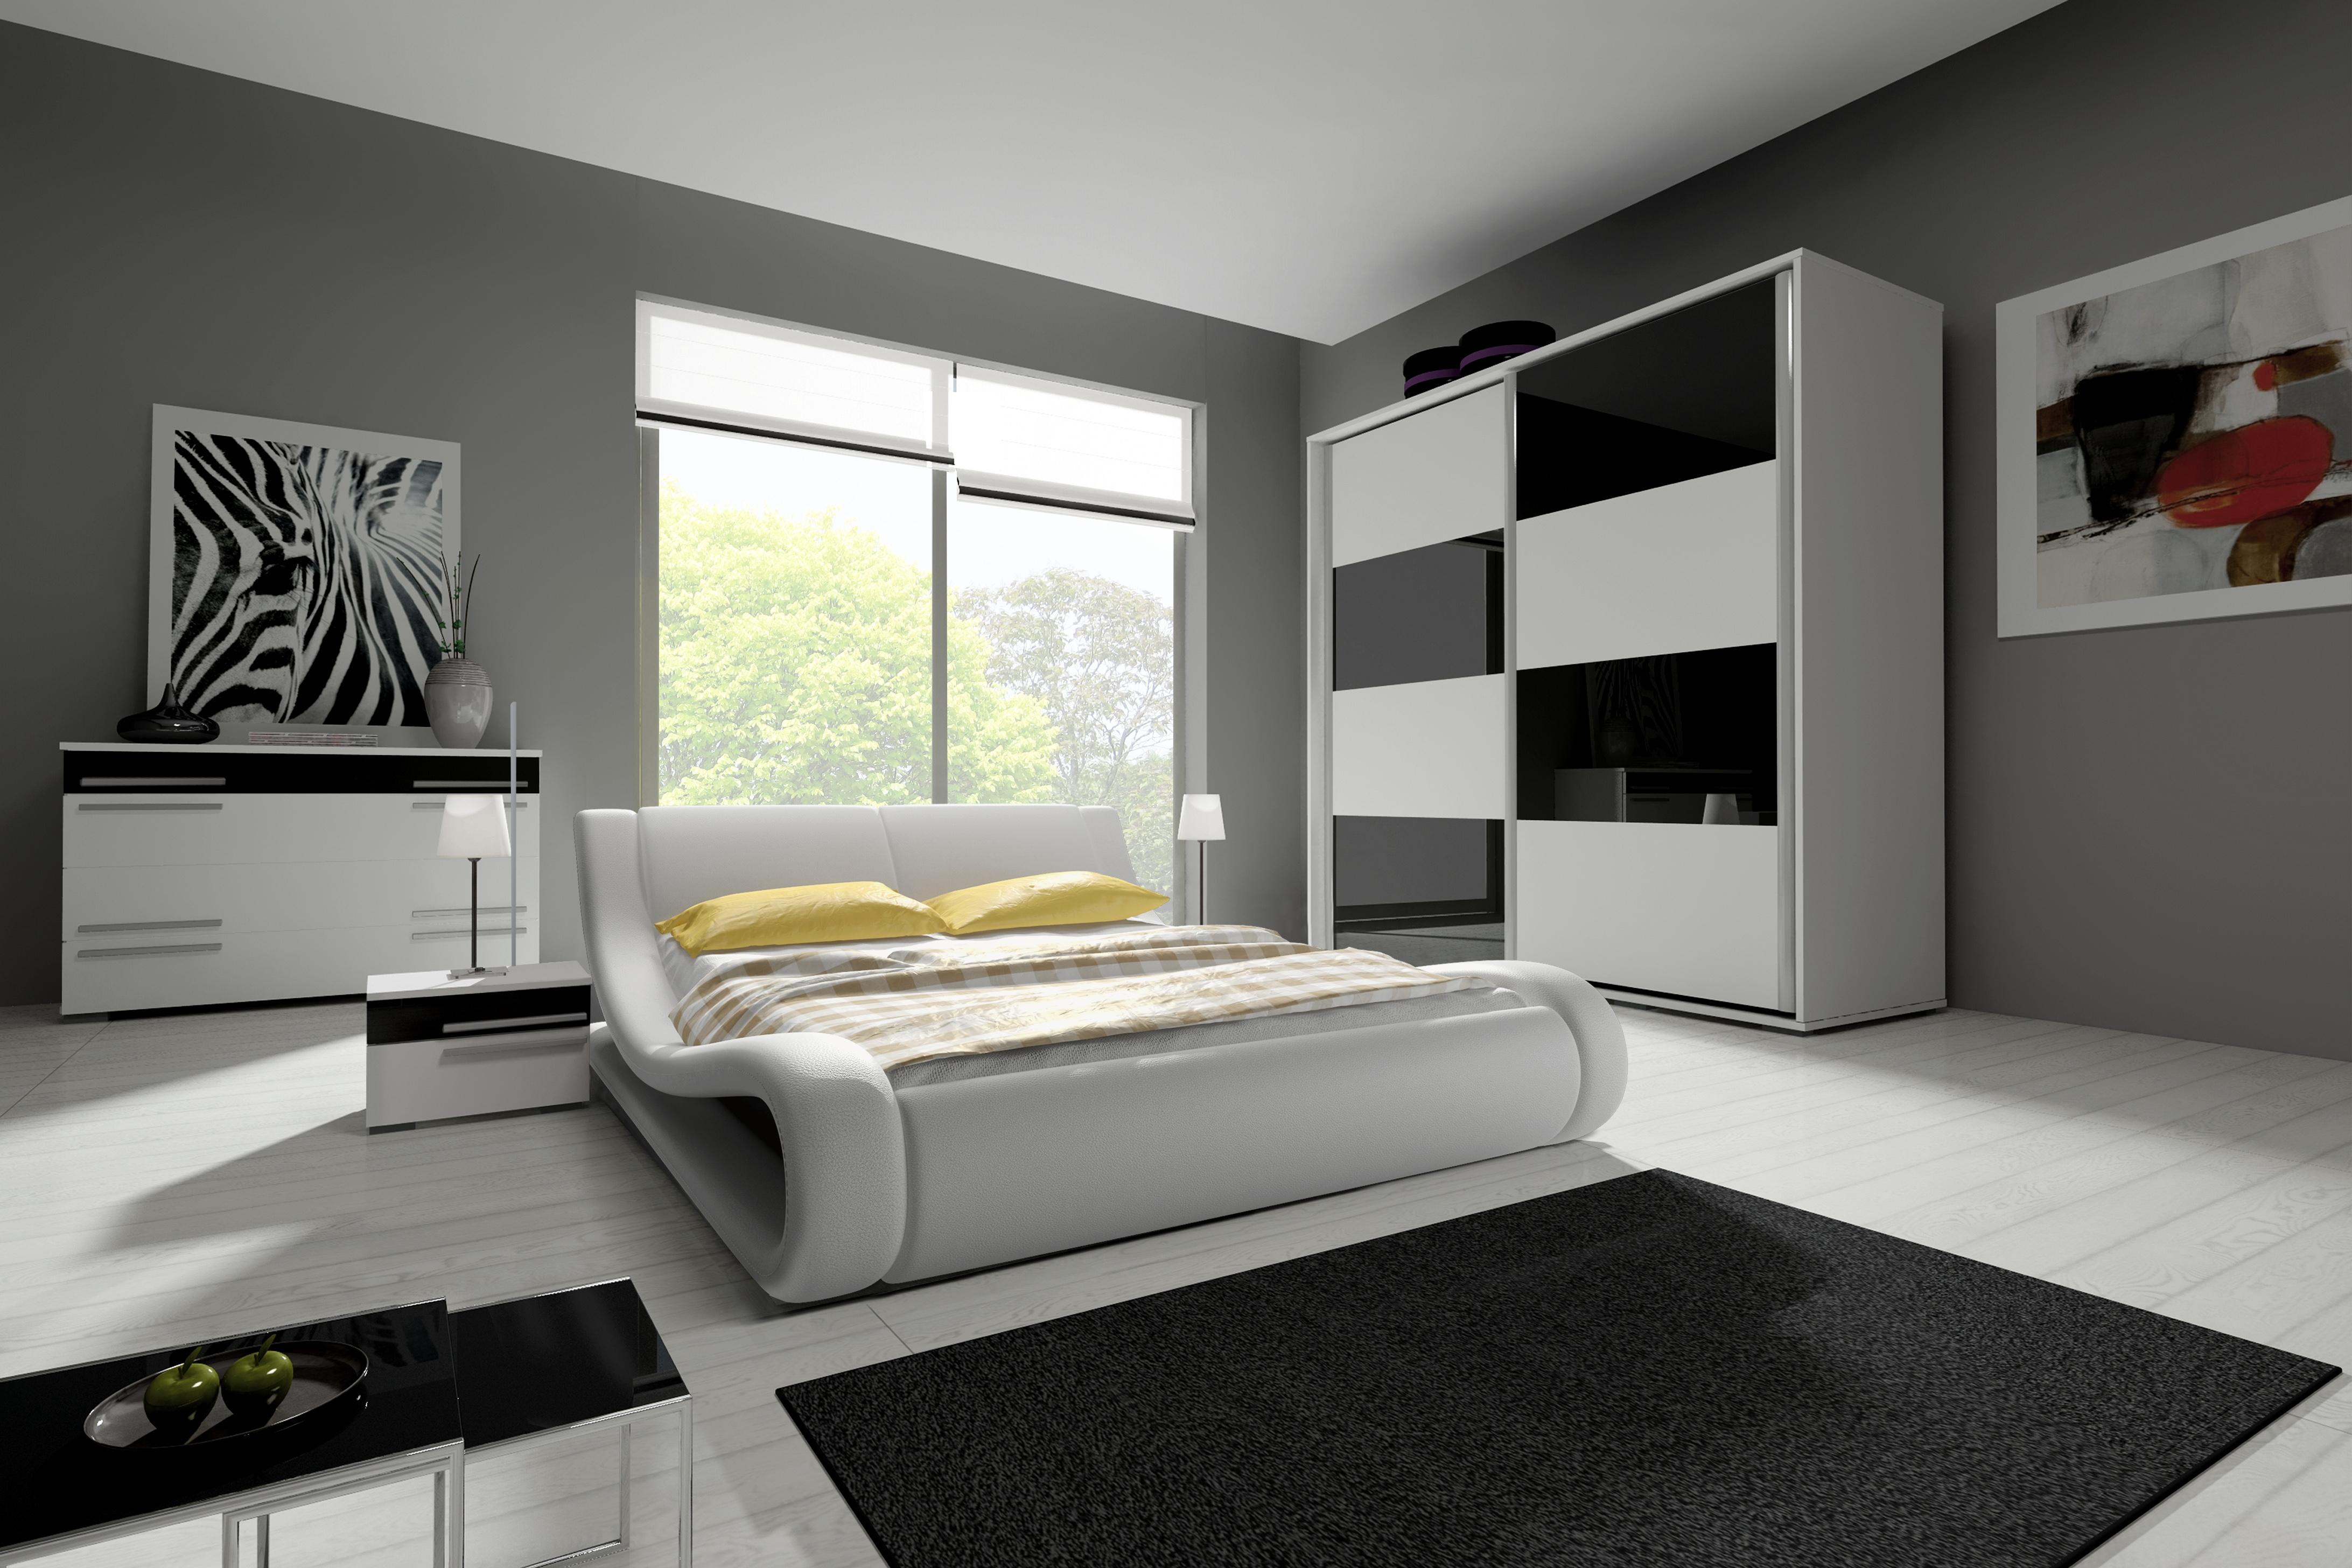 Ložnicová sestava KAYLA III (2x noční stolek, komoda, skříň 200, postel TRINITY 180x200), bílá/fialová lesk